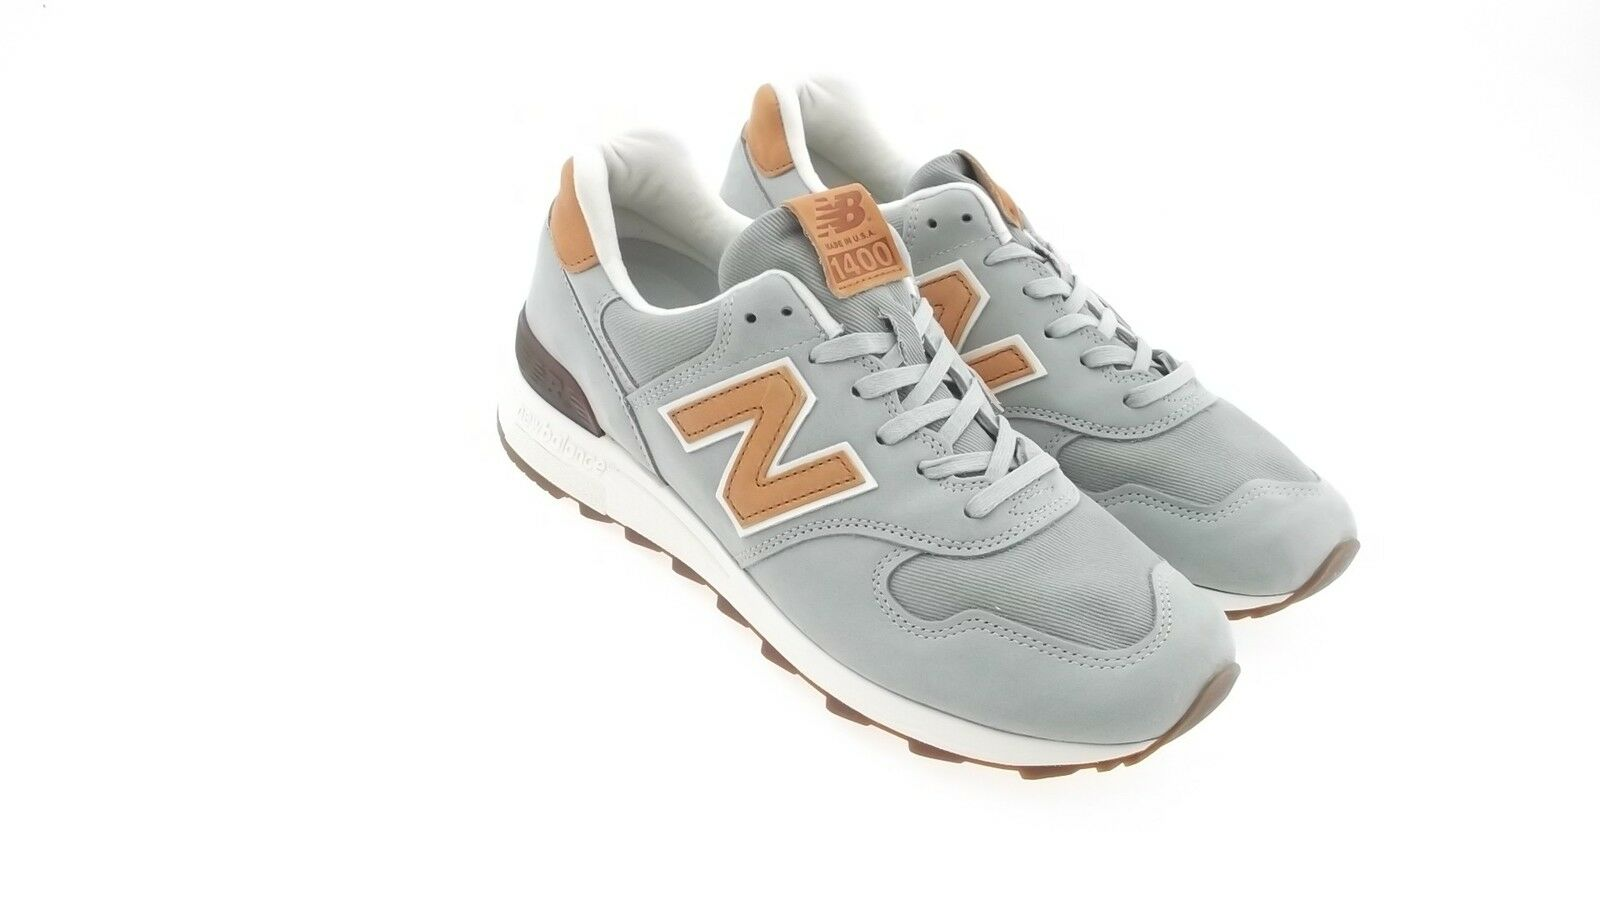 New balance hombre M2040v3 Negro Cuero Horween Corriendo UU. zapatos nosotros tamaño 7 Hecho en EE. UU. Corriendo 52138a